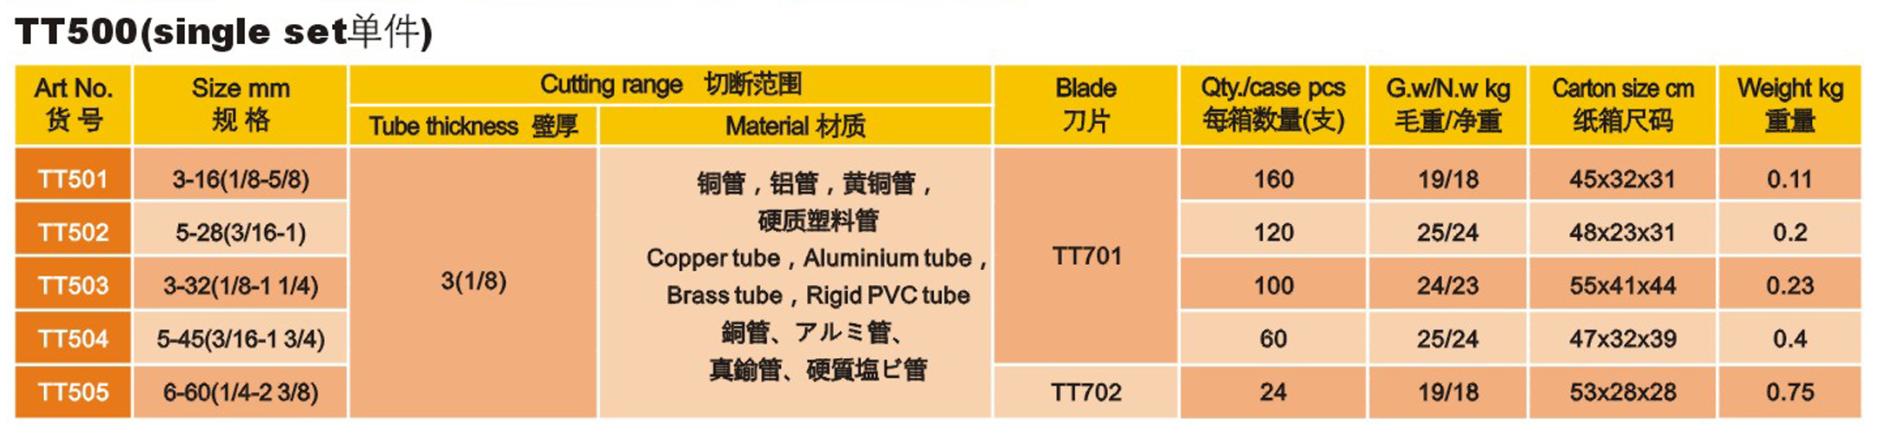 TT500-4.png